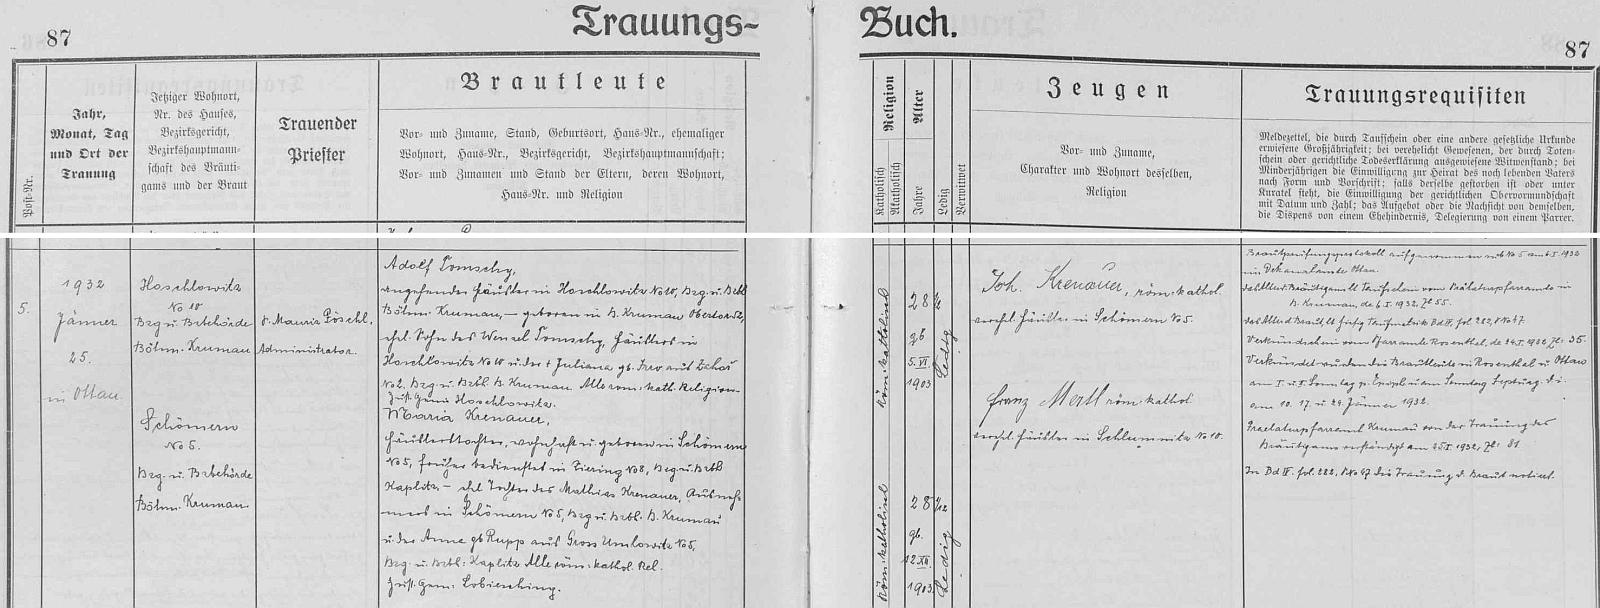 Záznam zátoňské oddací matriky o svatbě jejích rodičů ve zdejším kostele, jednom z nejpamátnějších na Šumavě vůbec